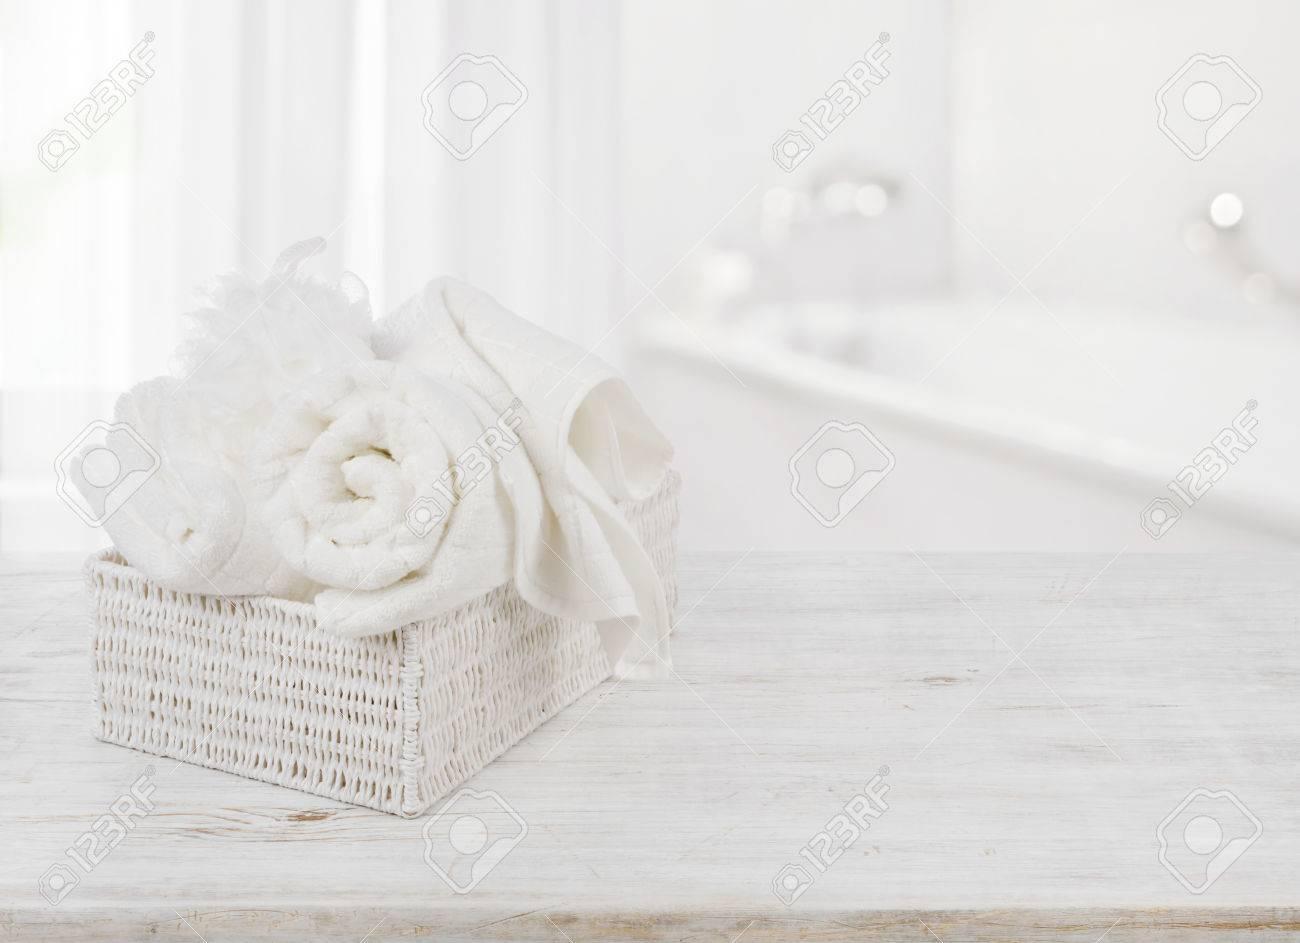 serviettes et éponge de bain en boîte sur fond de salle de bain flou